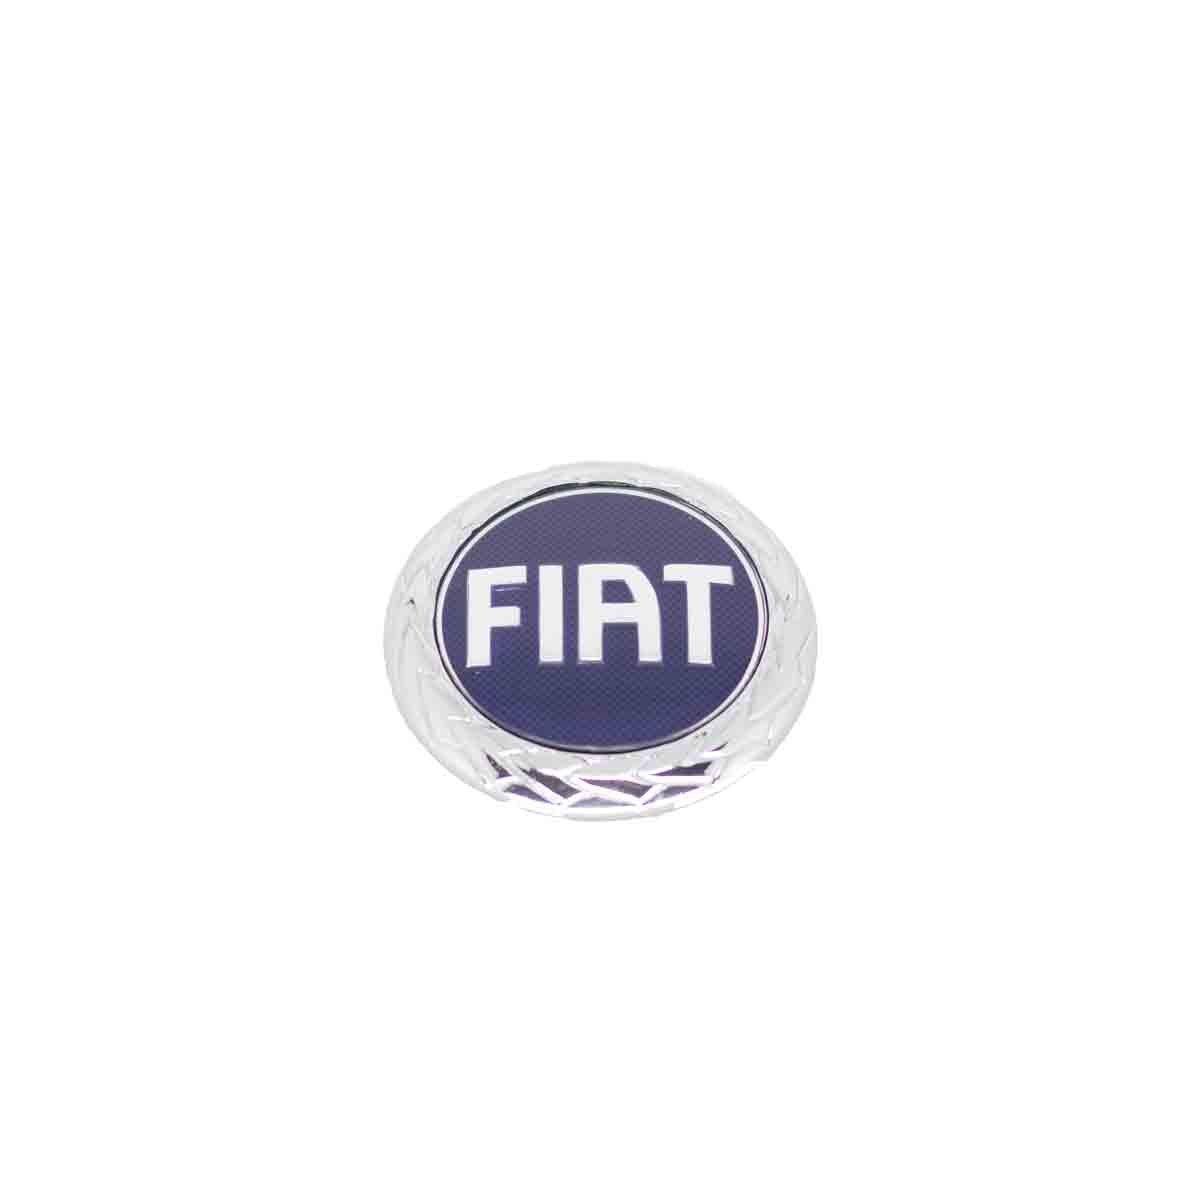 Emblema Grade Fiat 00/01